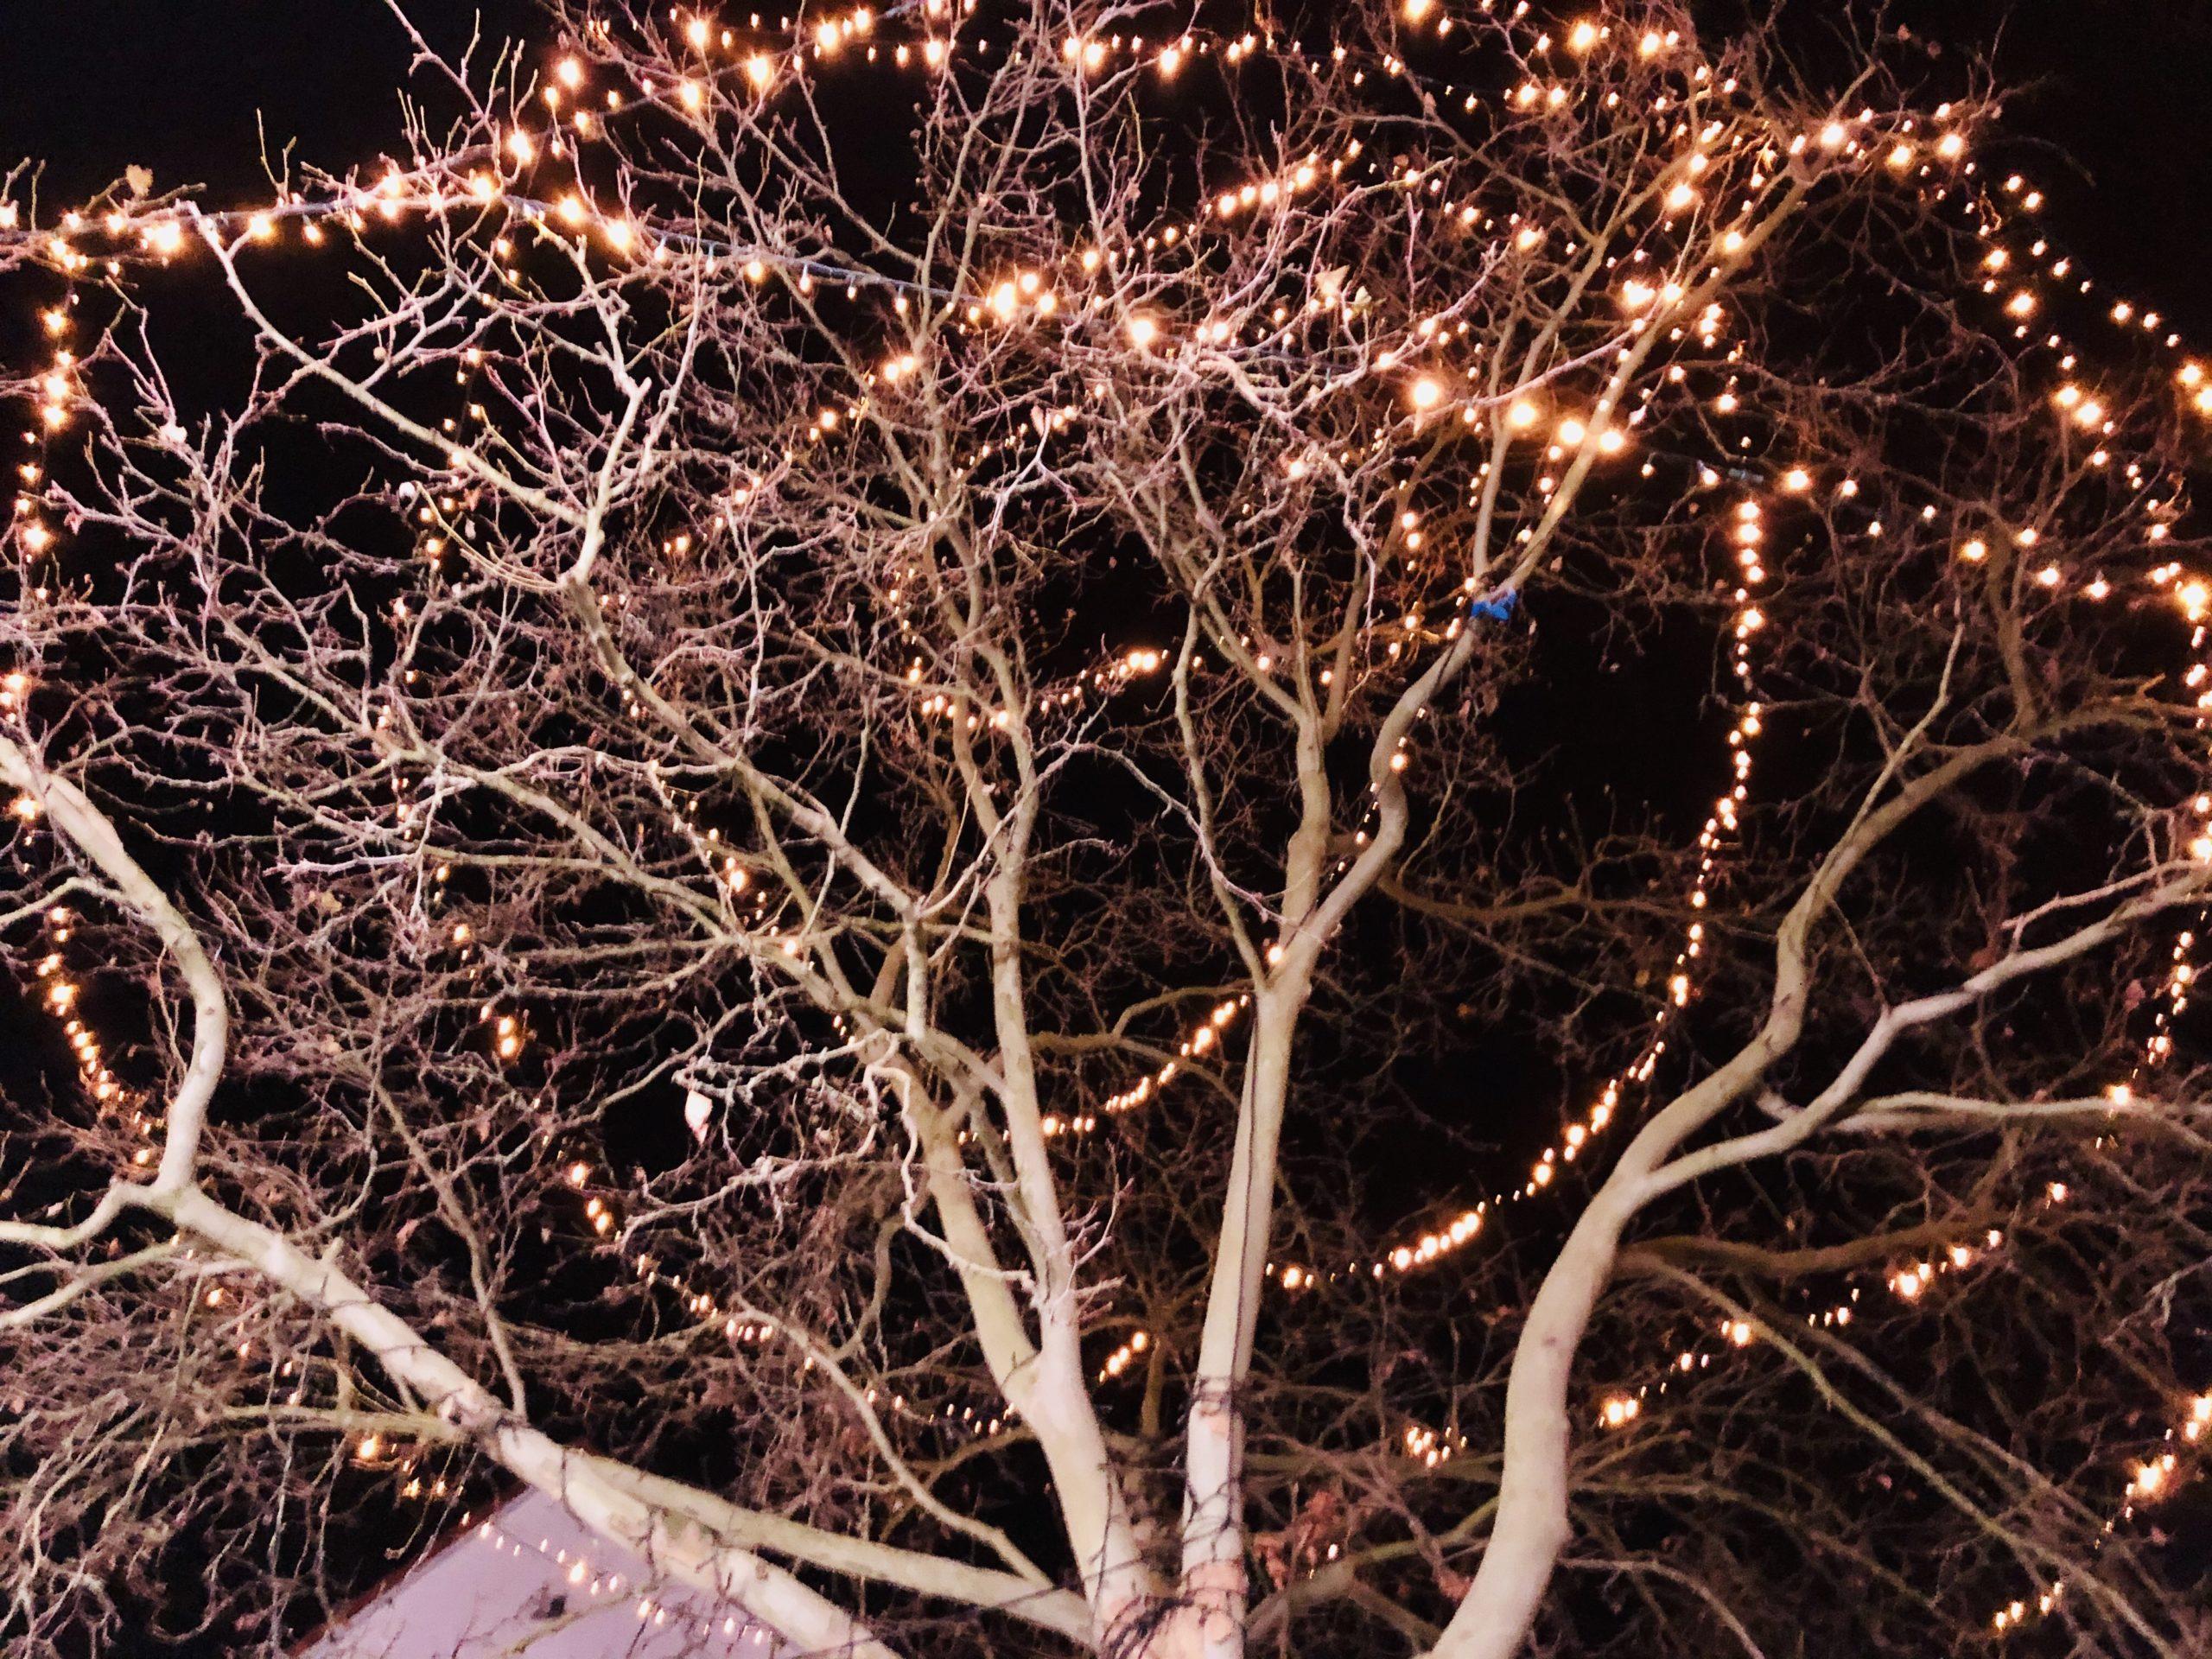 Mit einer Lichterkette geschmückter Baum